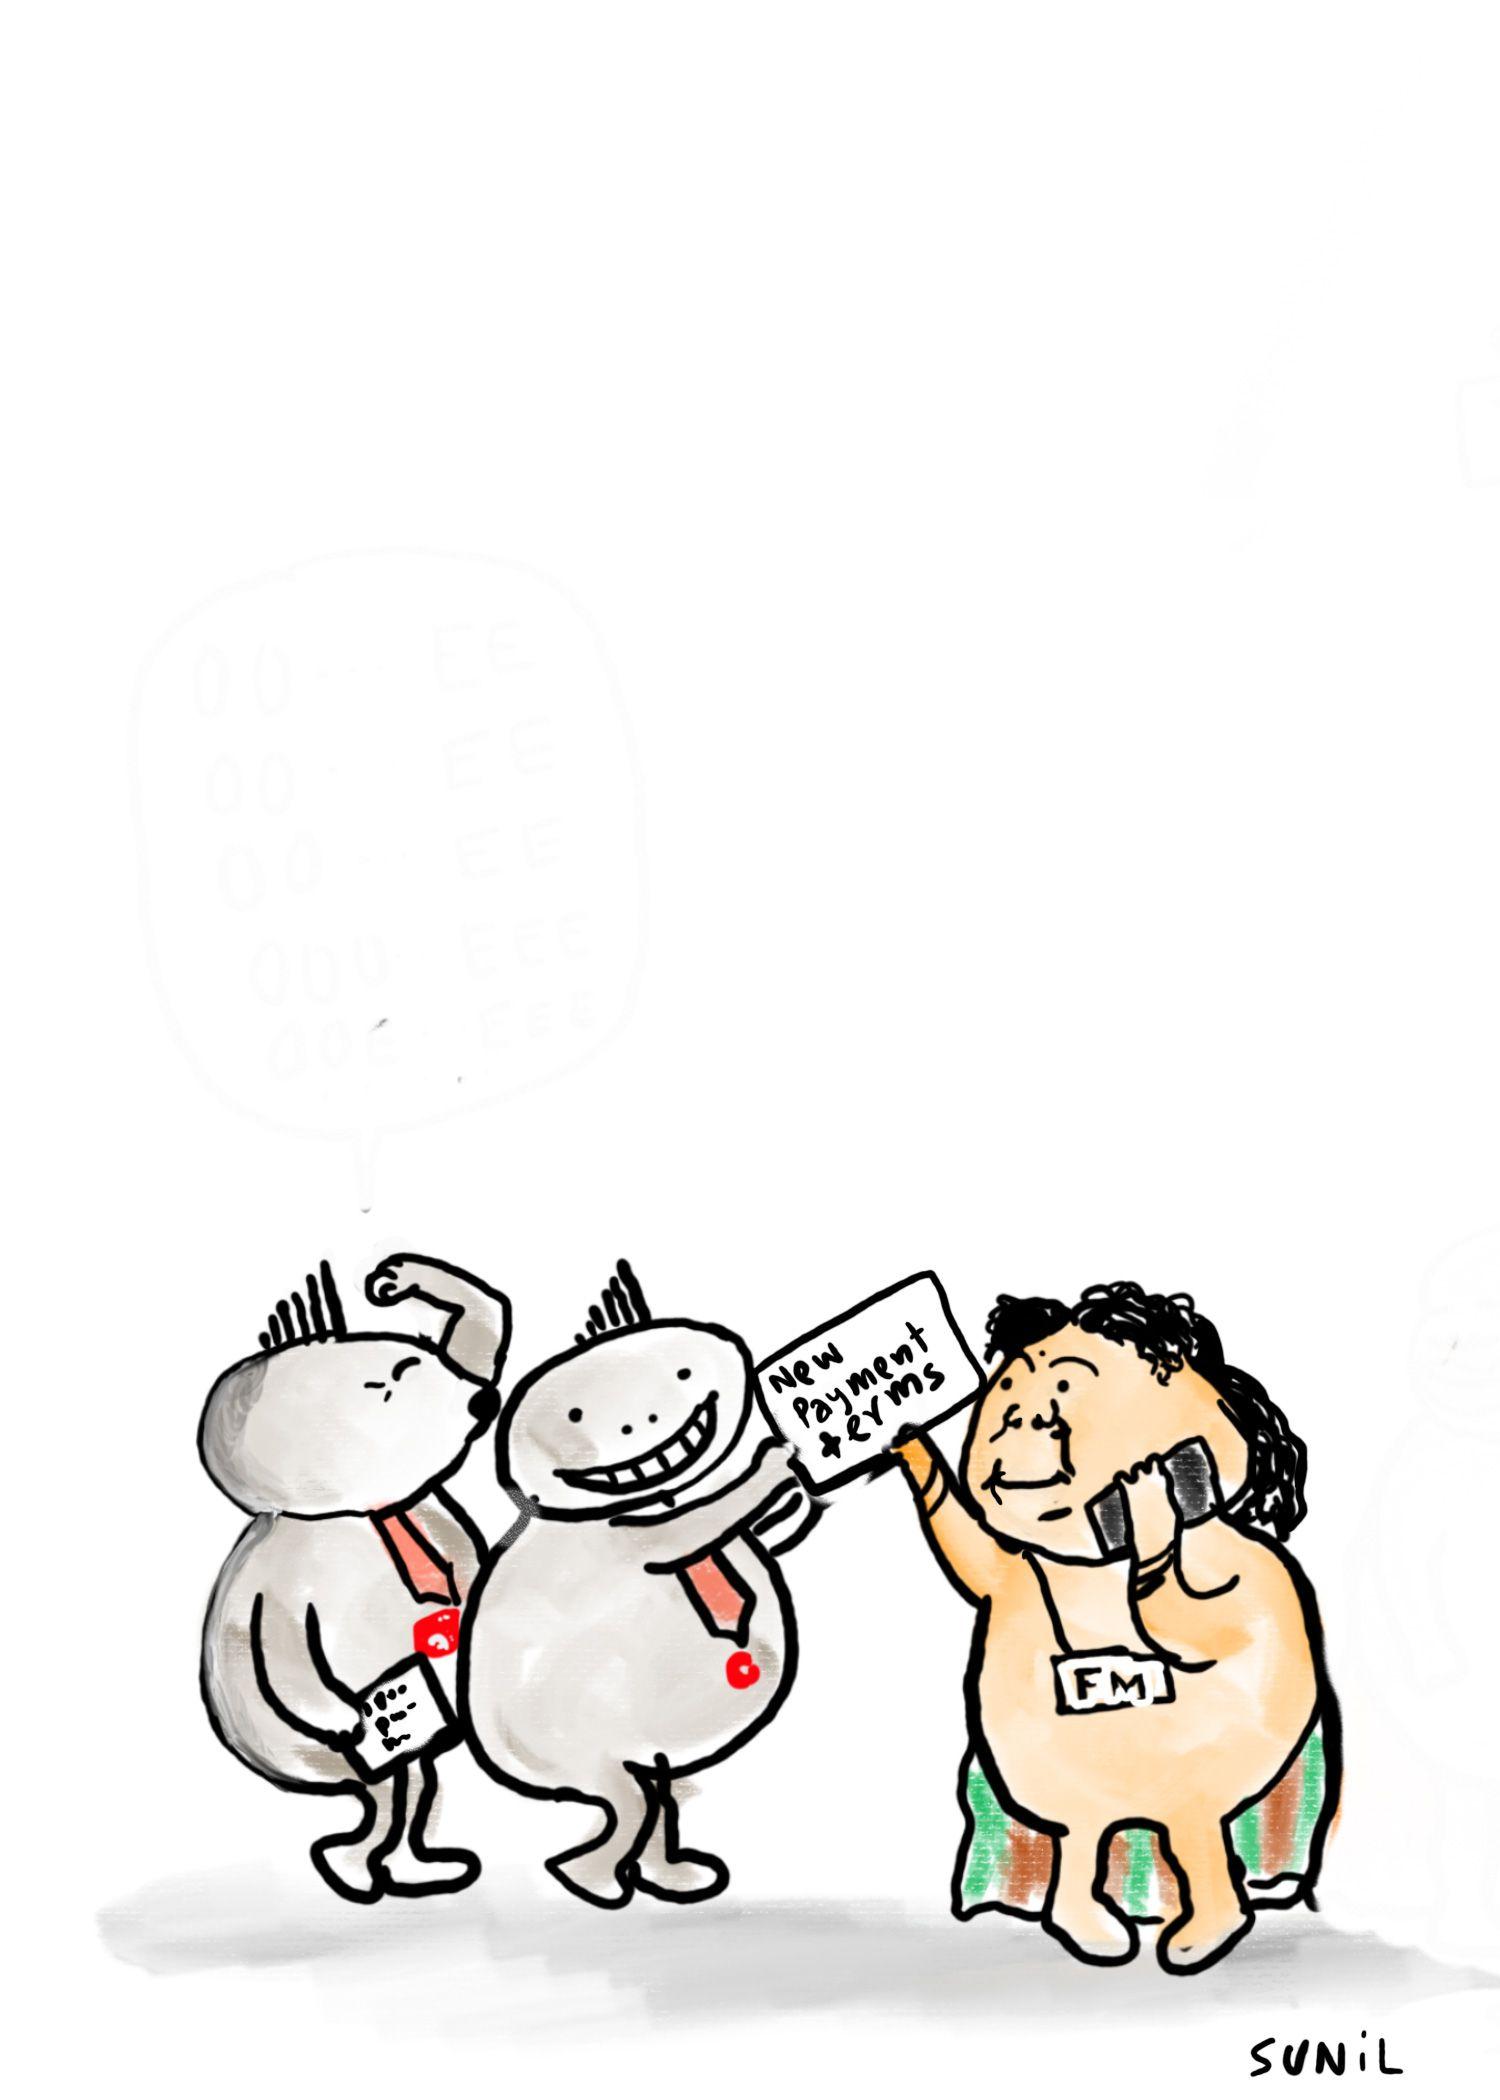 കുടിശിക ഉടന് തരേണ്ടെന്ന് ടെലികോം കമ്പനികളോട് കേന്ദ്രം